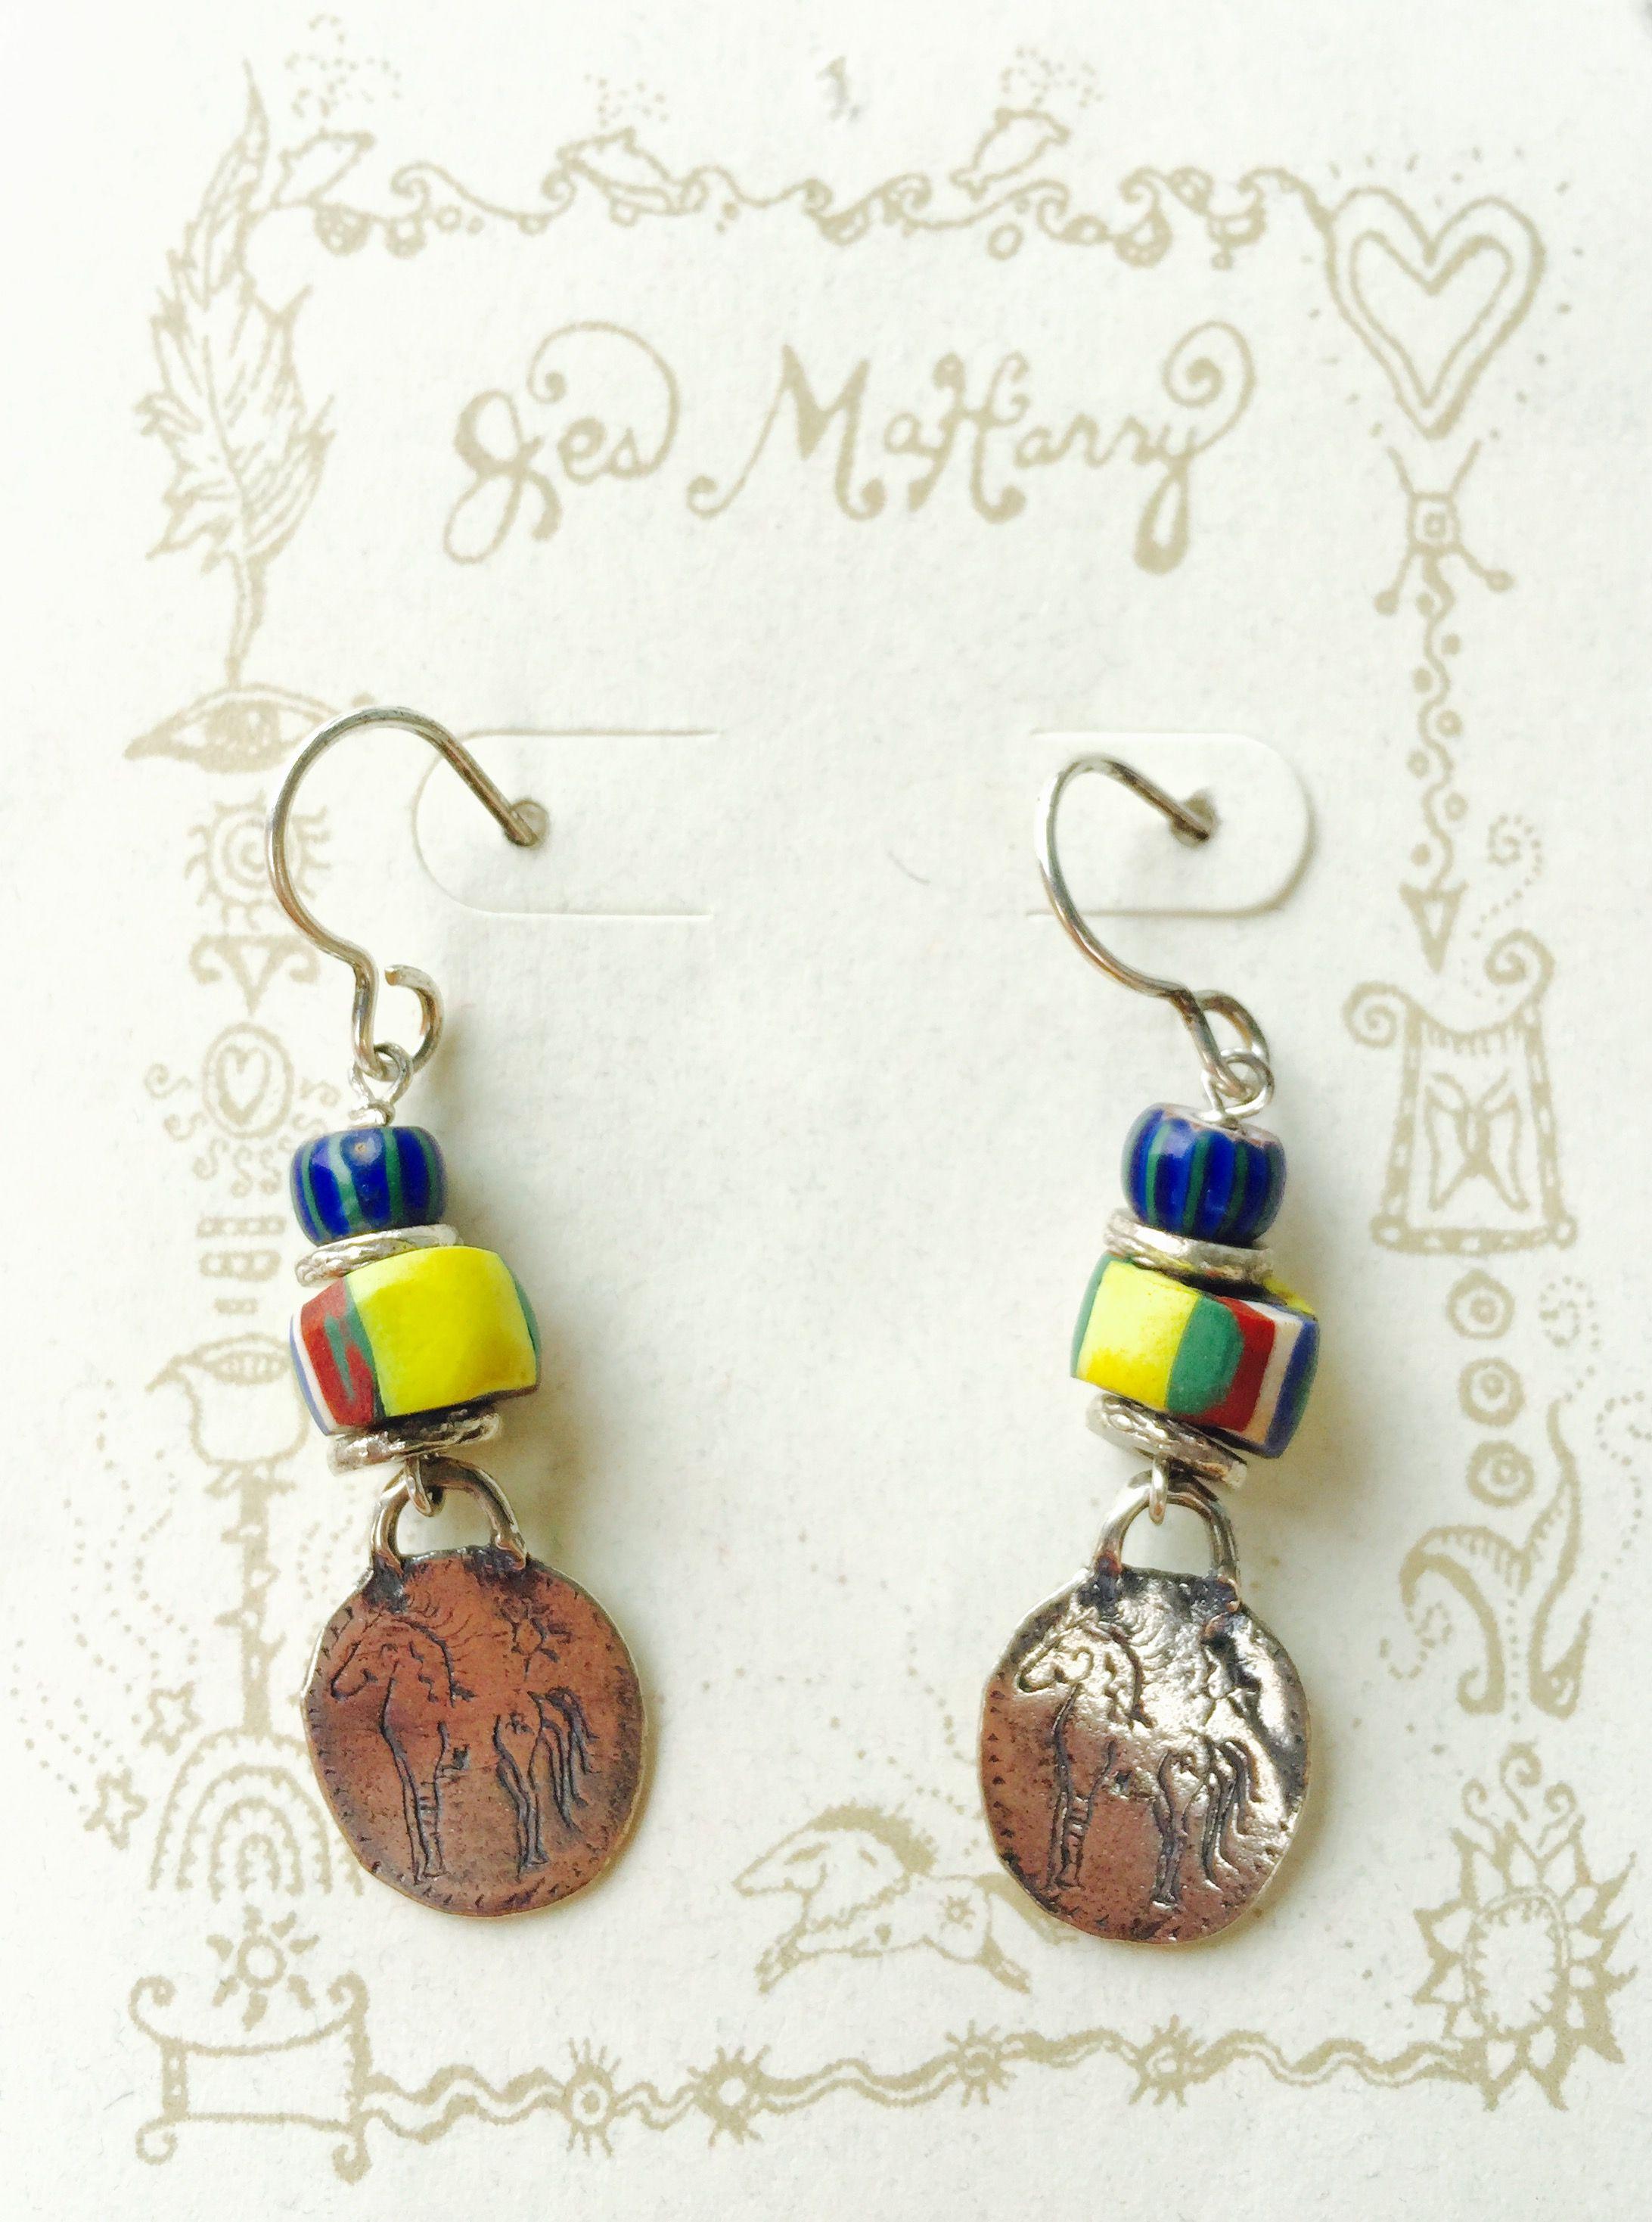 Clarity Earrings | Jes MaHarry Jewelry